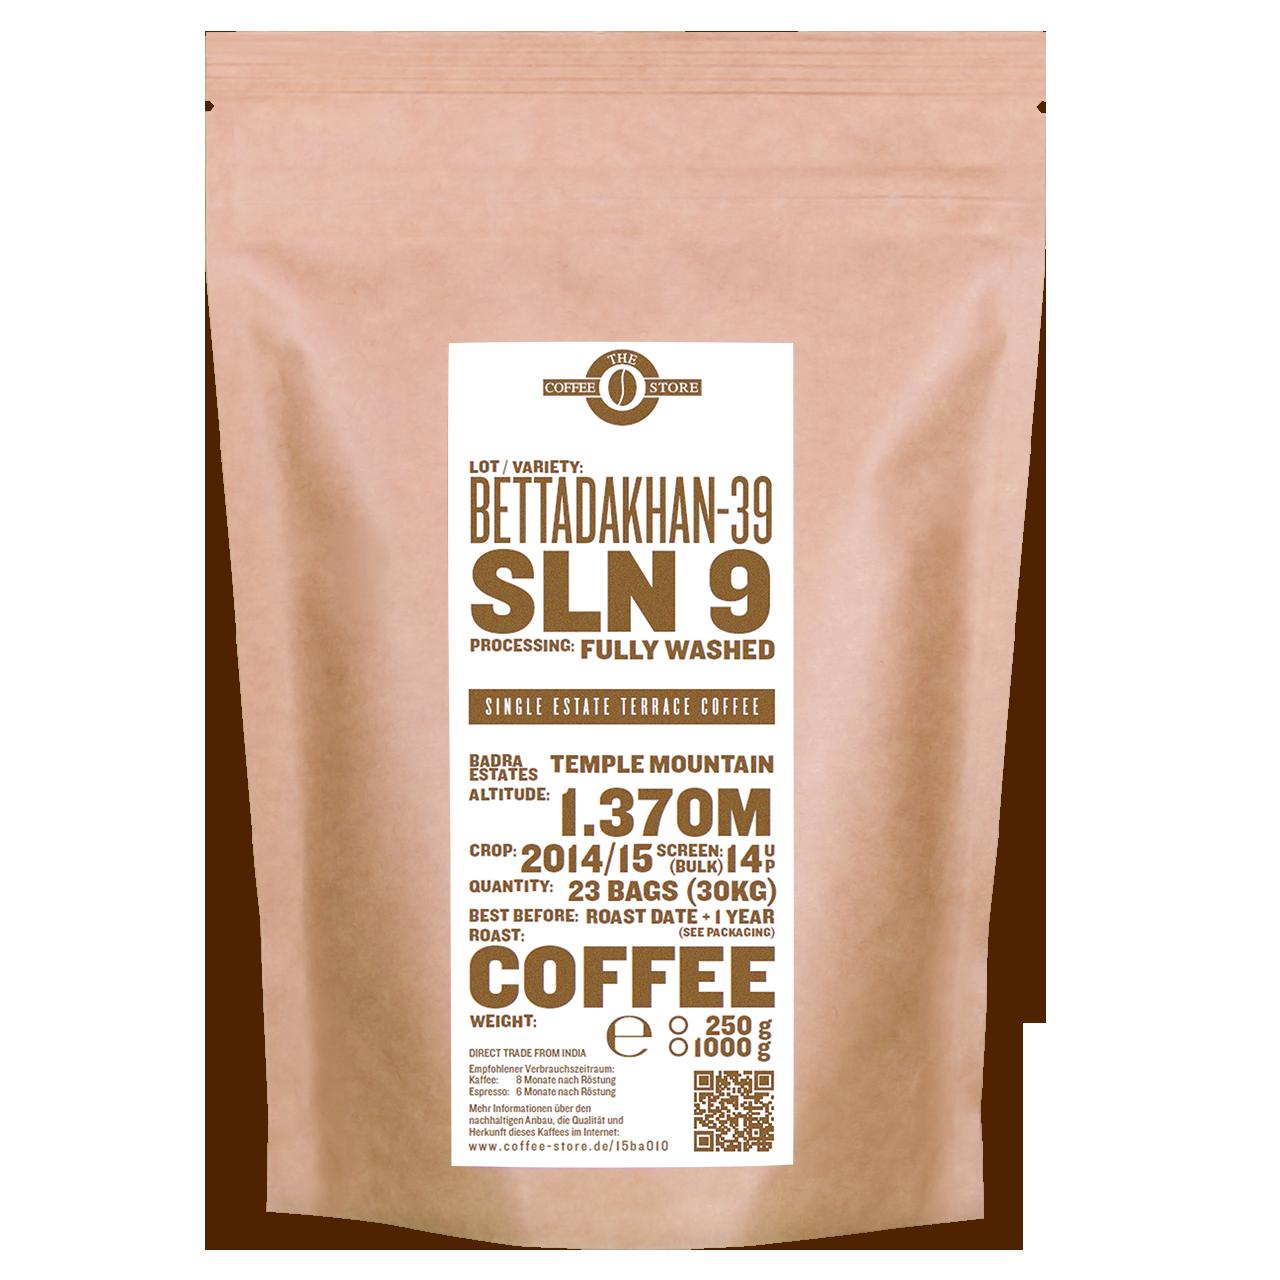 Bettadakhan - 39, SLN 9 - Kaffeeröstung